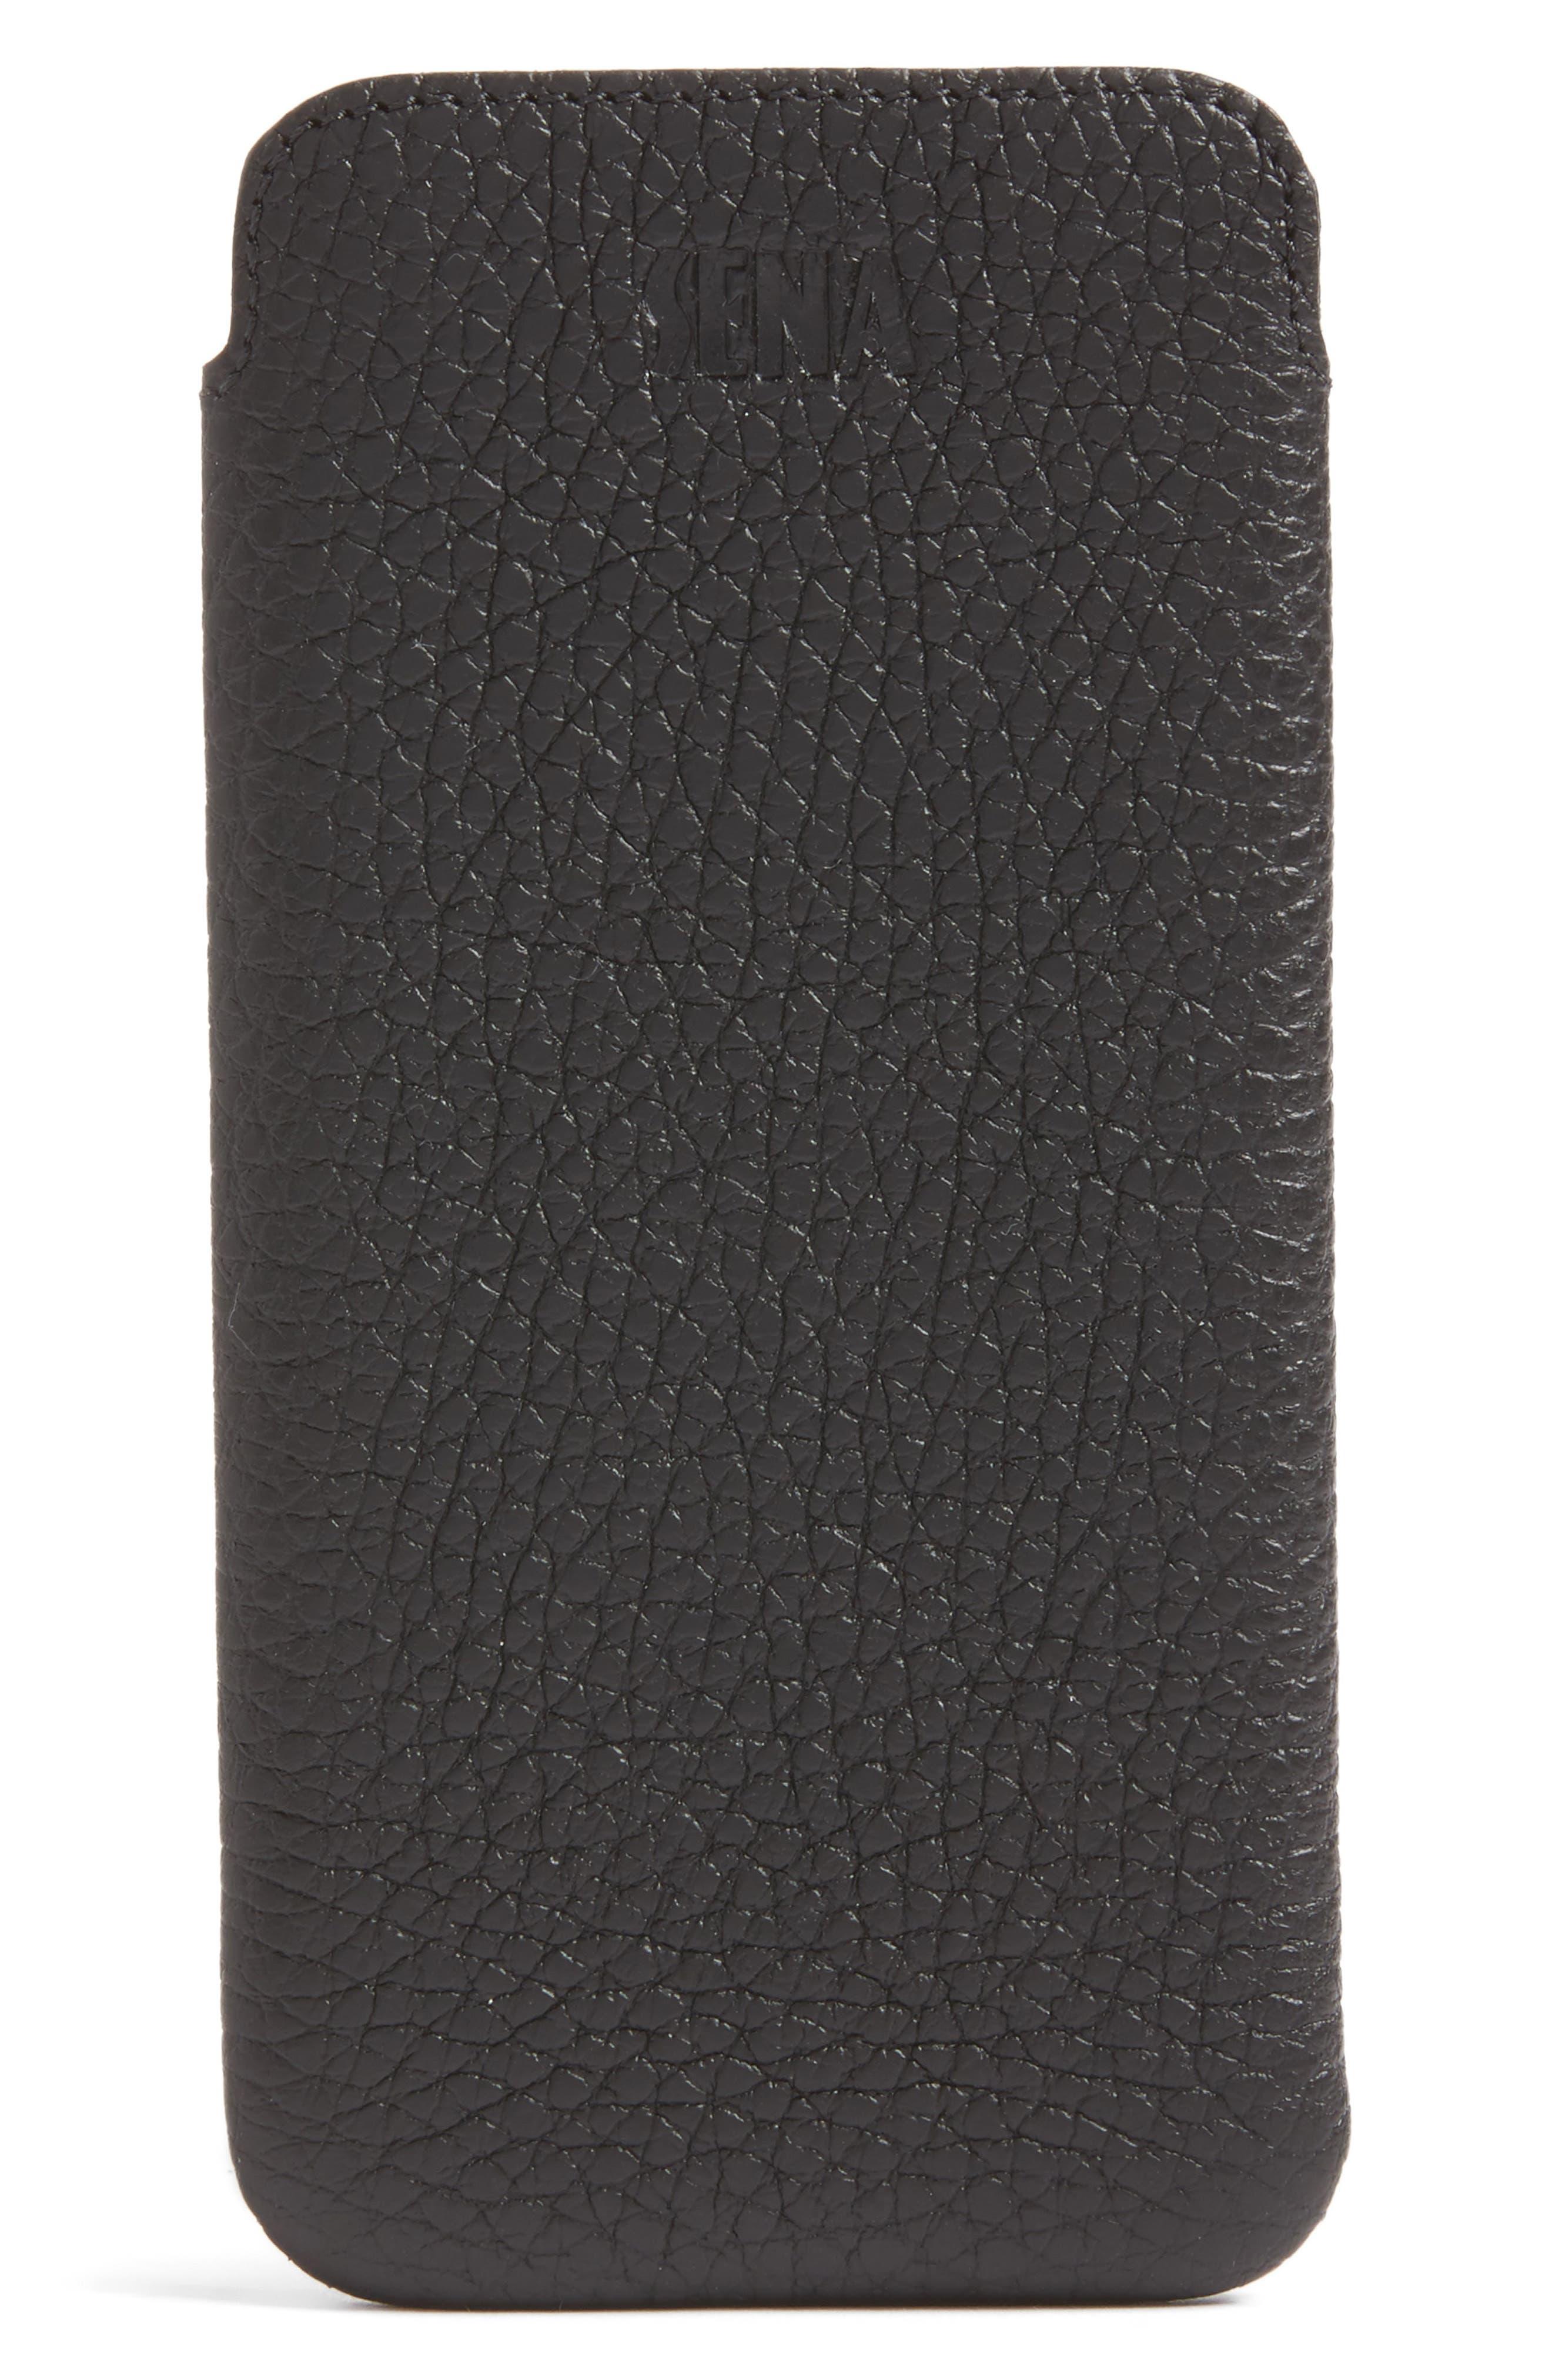 Sena Ultra Slim Classic iPhone 6/7 Case